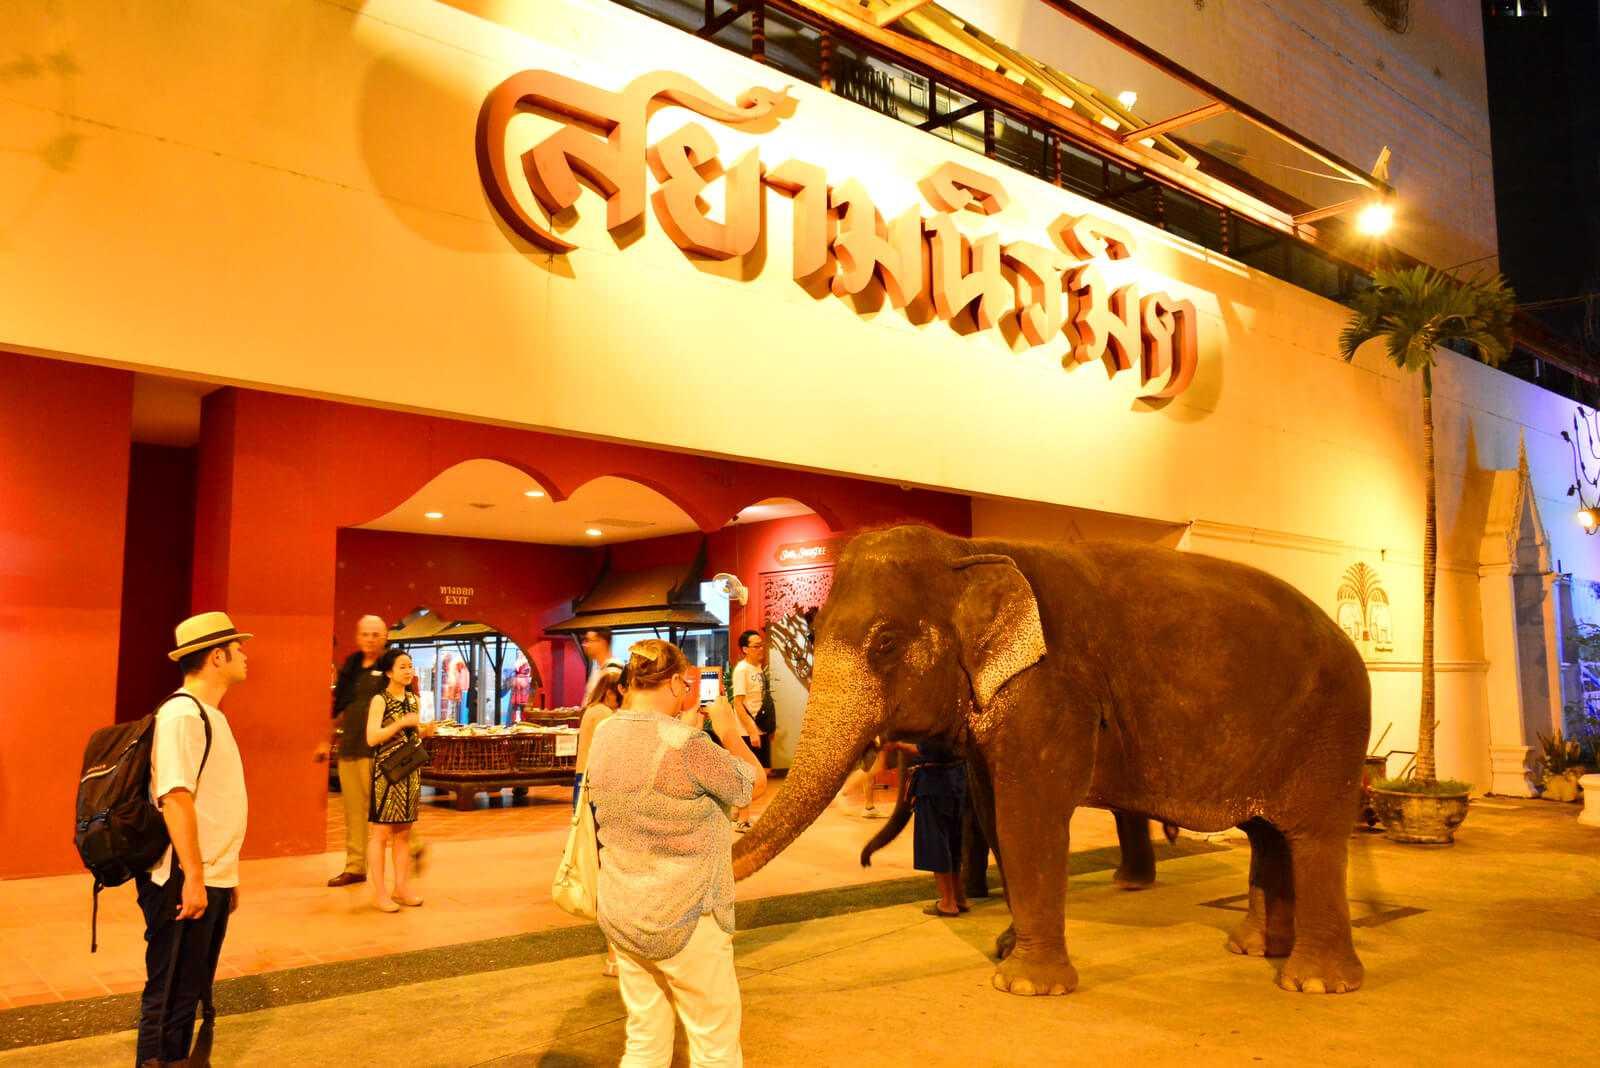 המופע סיאם נירמיט (Siam Niramit) בנגקוק - כמה עולים כרטיסים?